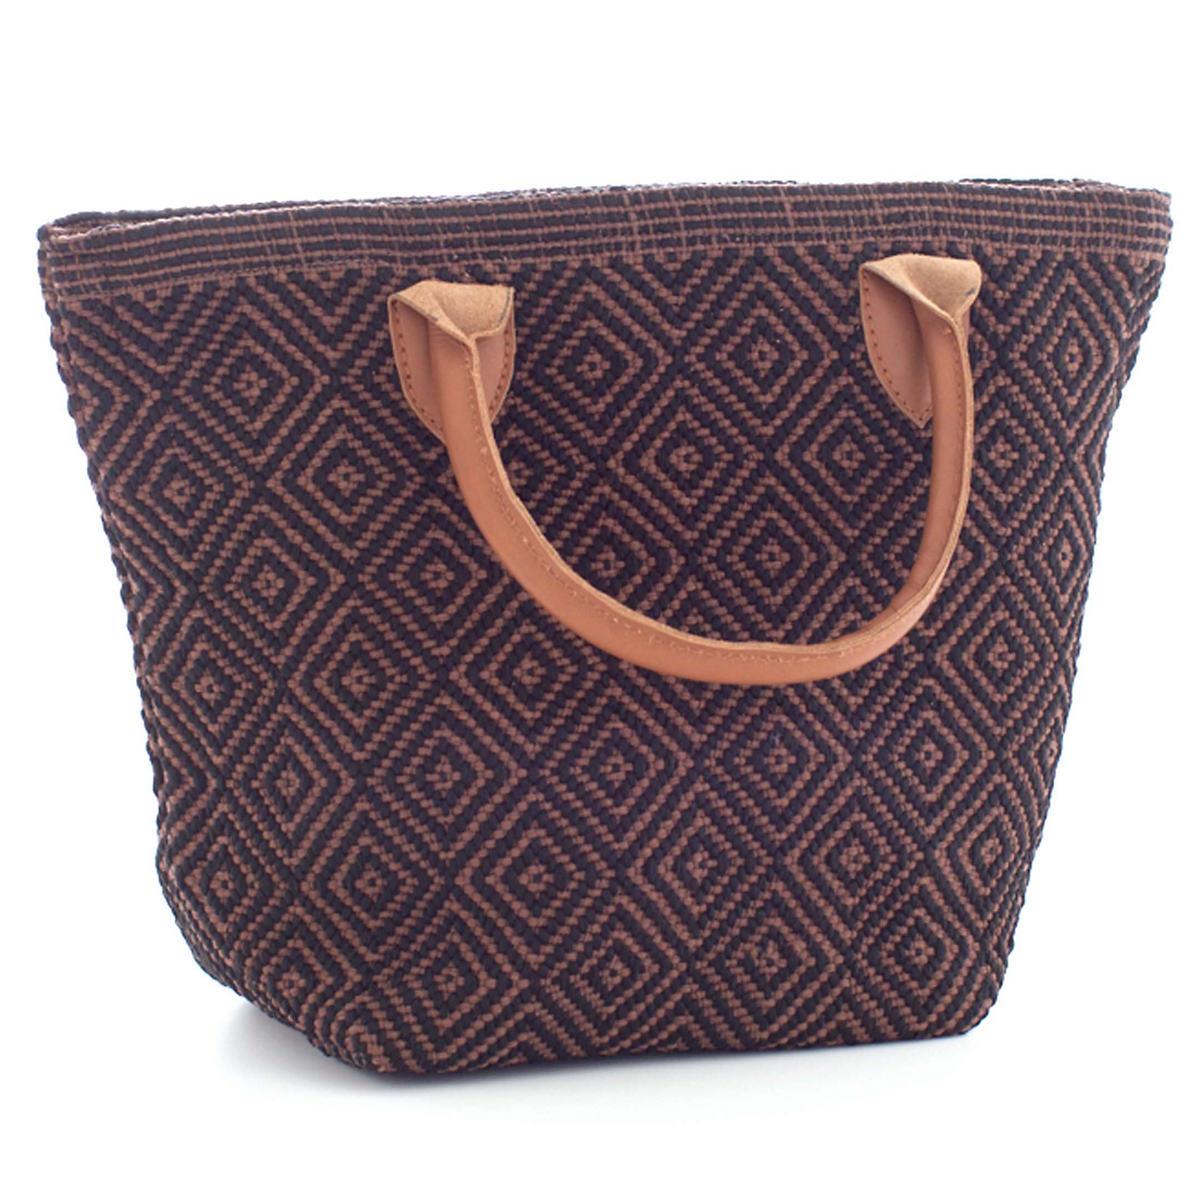 Le Tote Black/Brown Tote Bag Petit